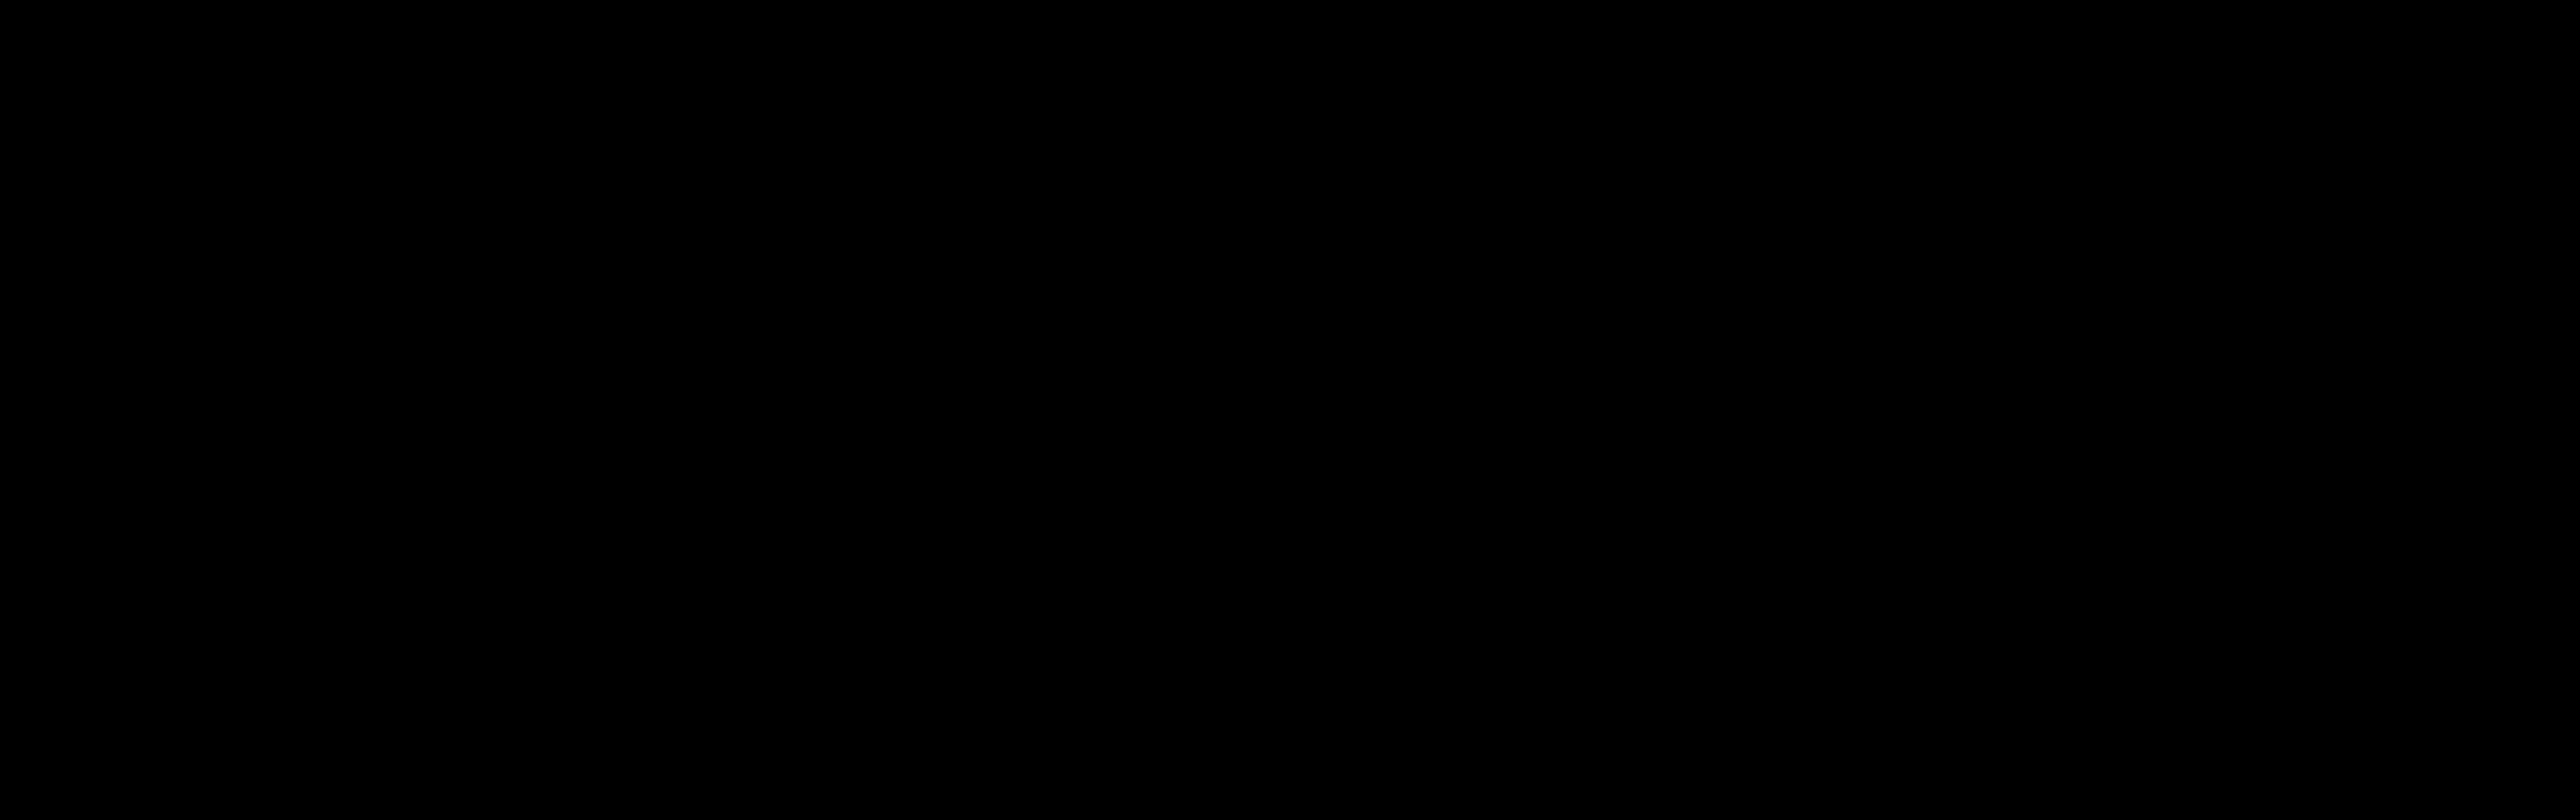 logo-file-format-blog-v1_blog-header